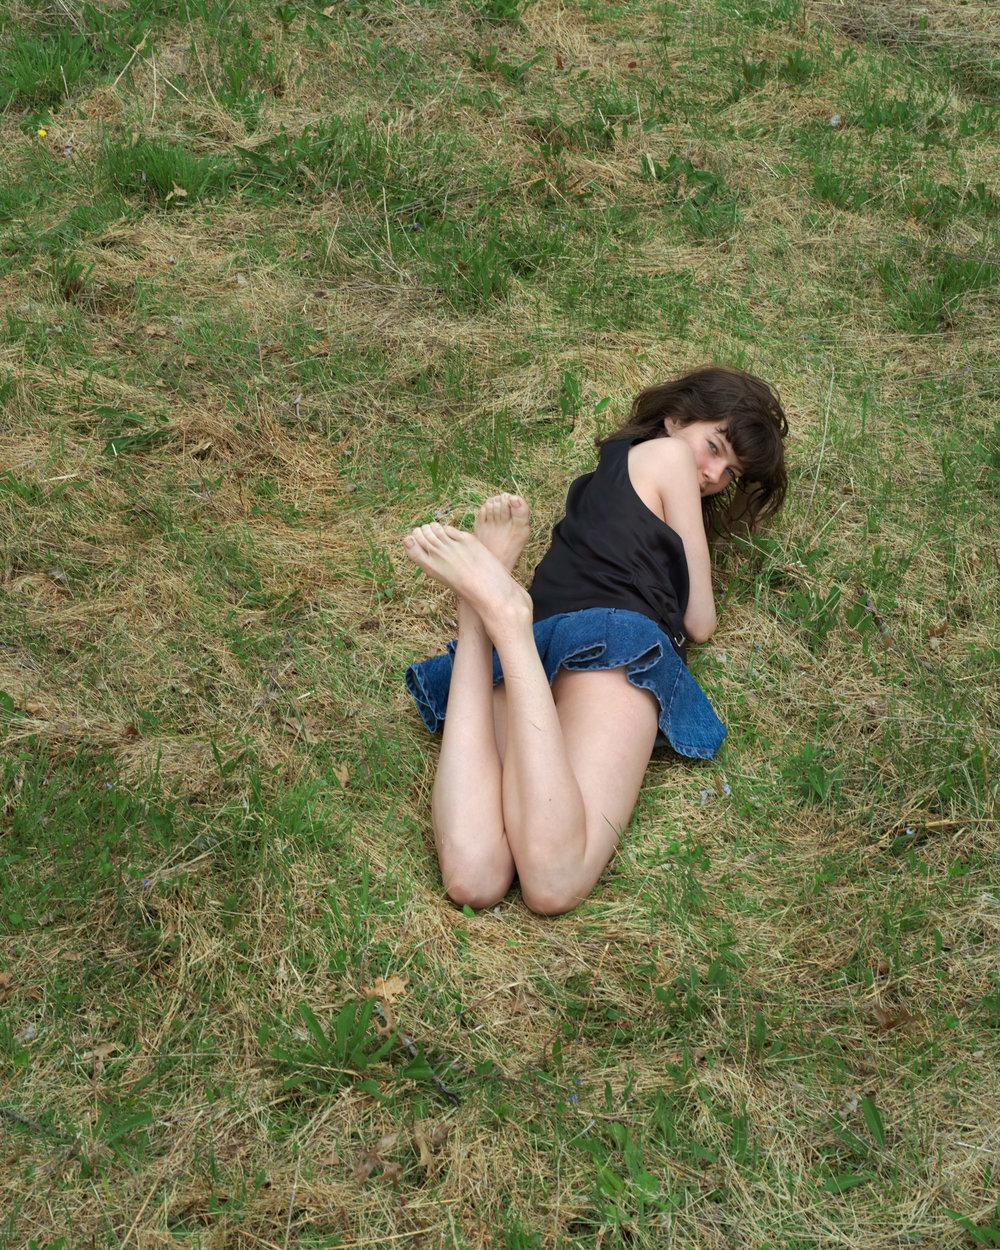 04-R-skirt-and-grass_0167.jpg